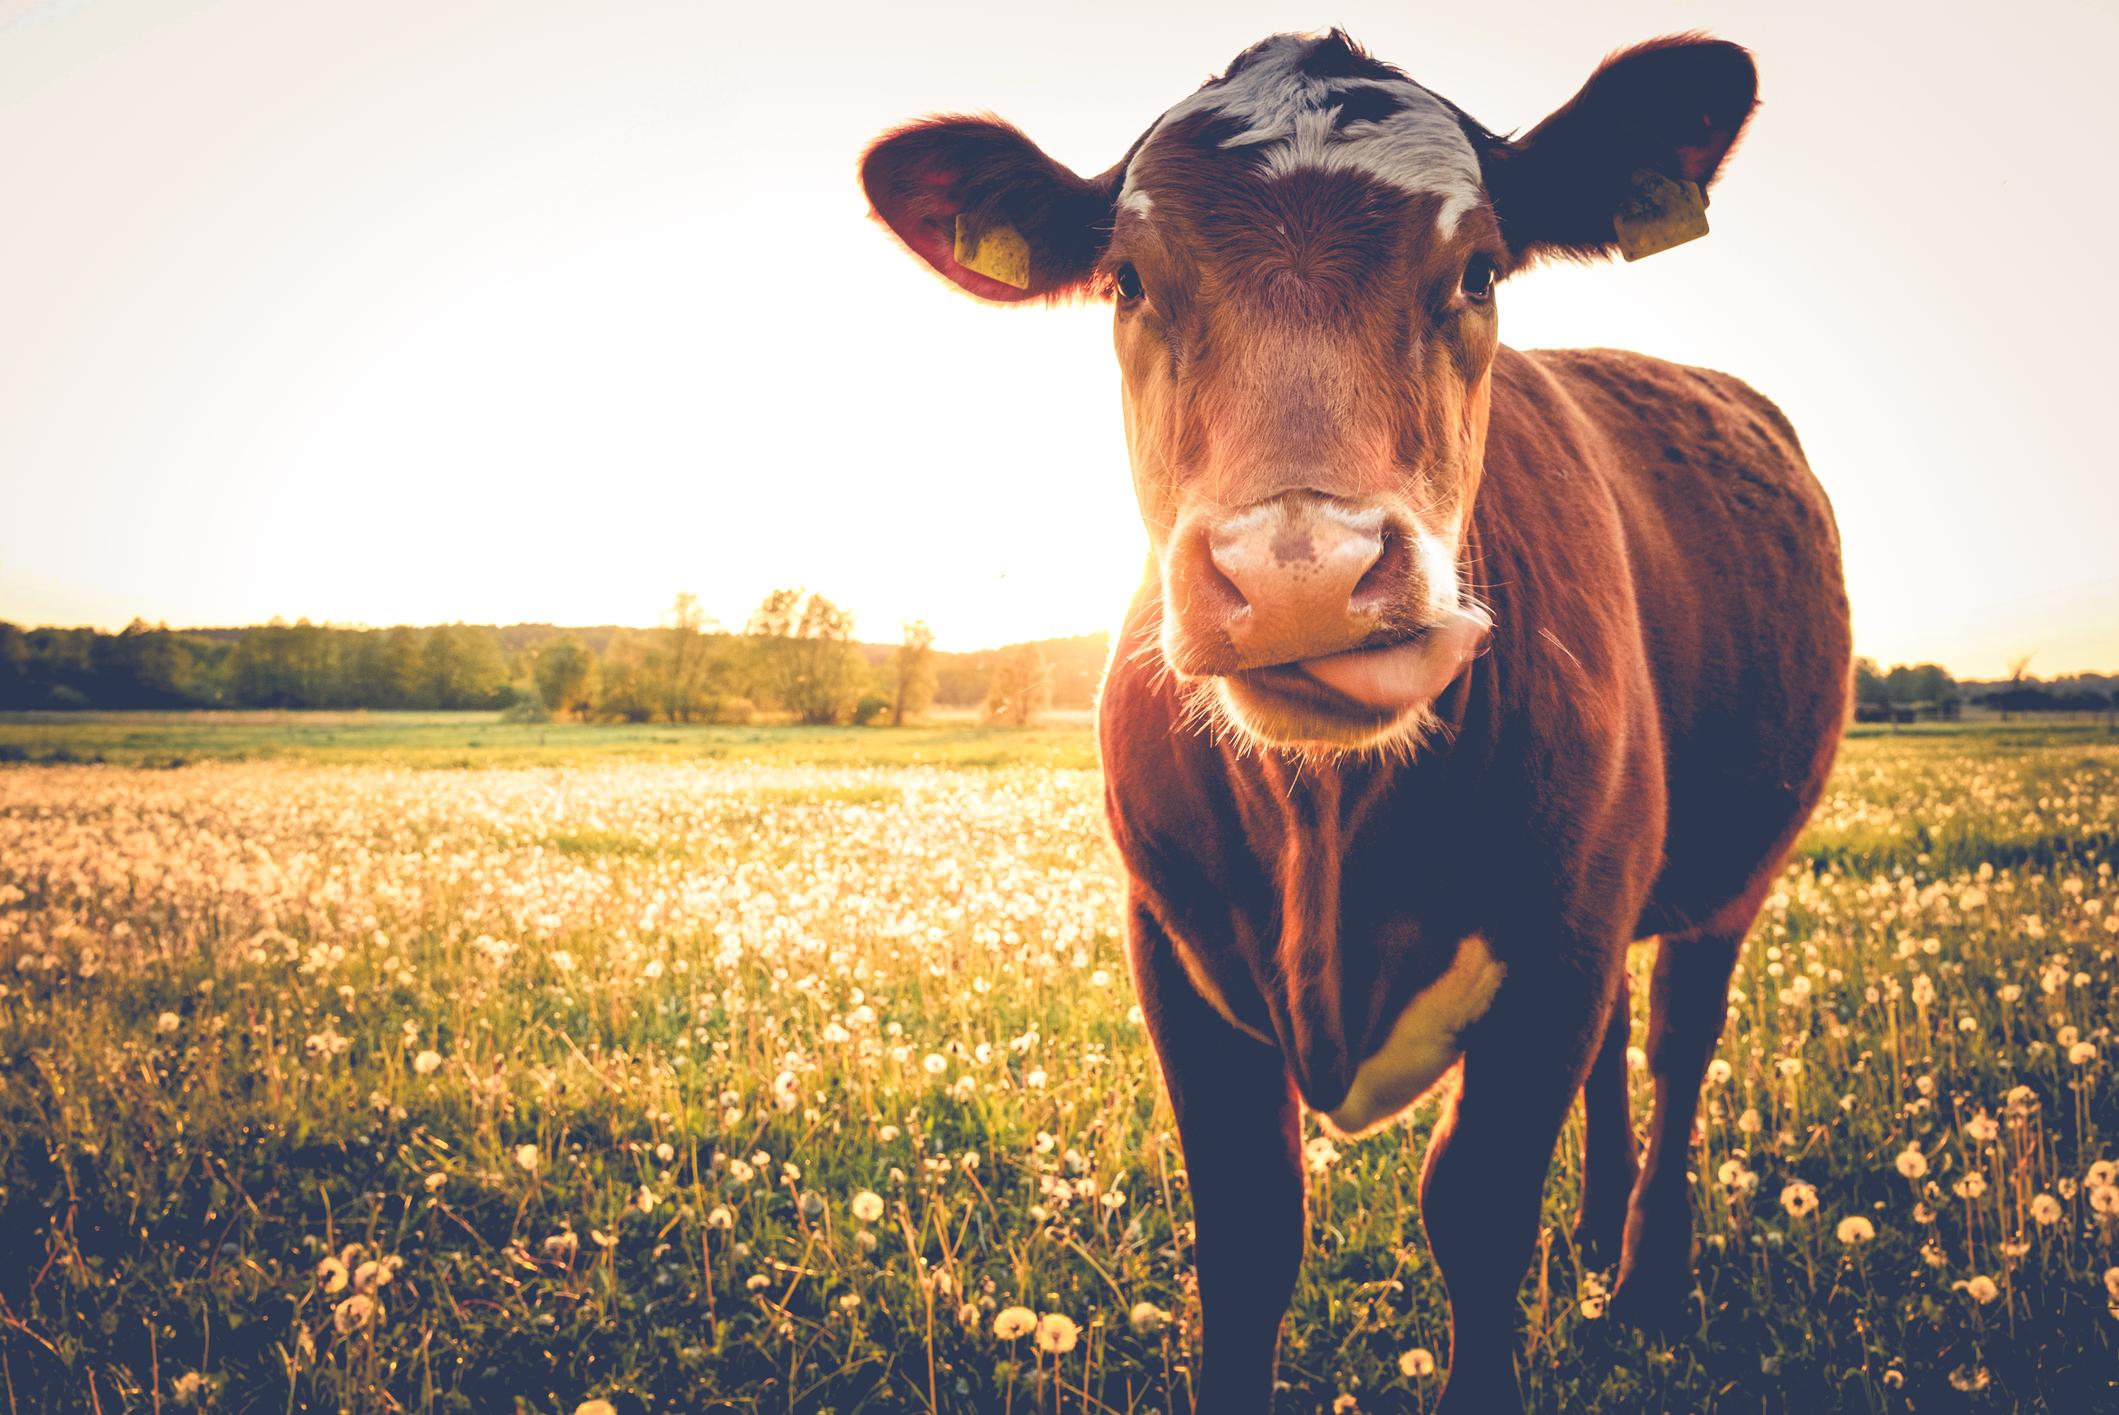 TRENGER FÔR ! - Klikk på bildet for å registrere ditt fôrbehov.